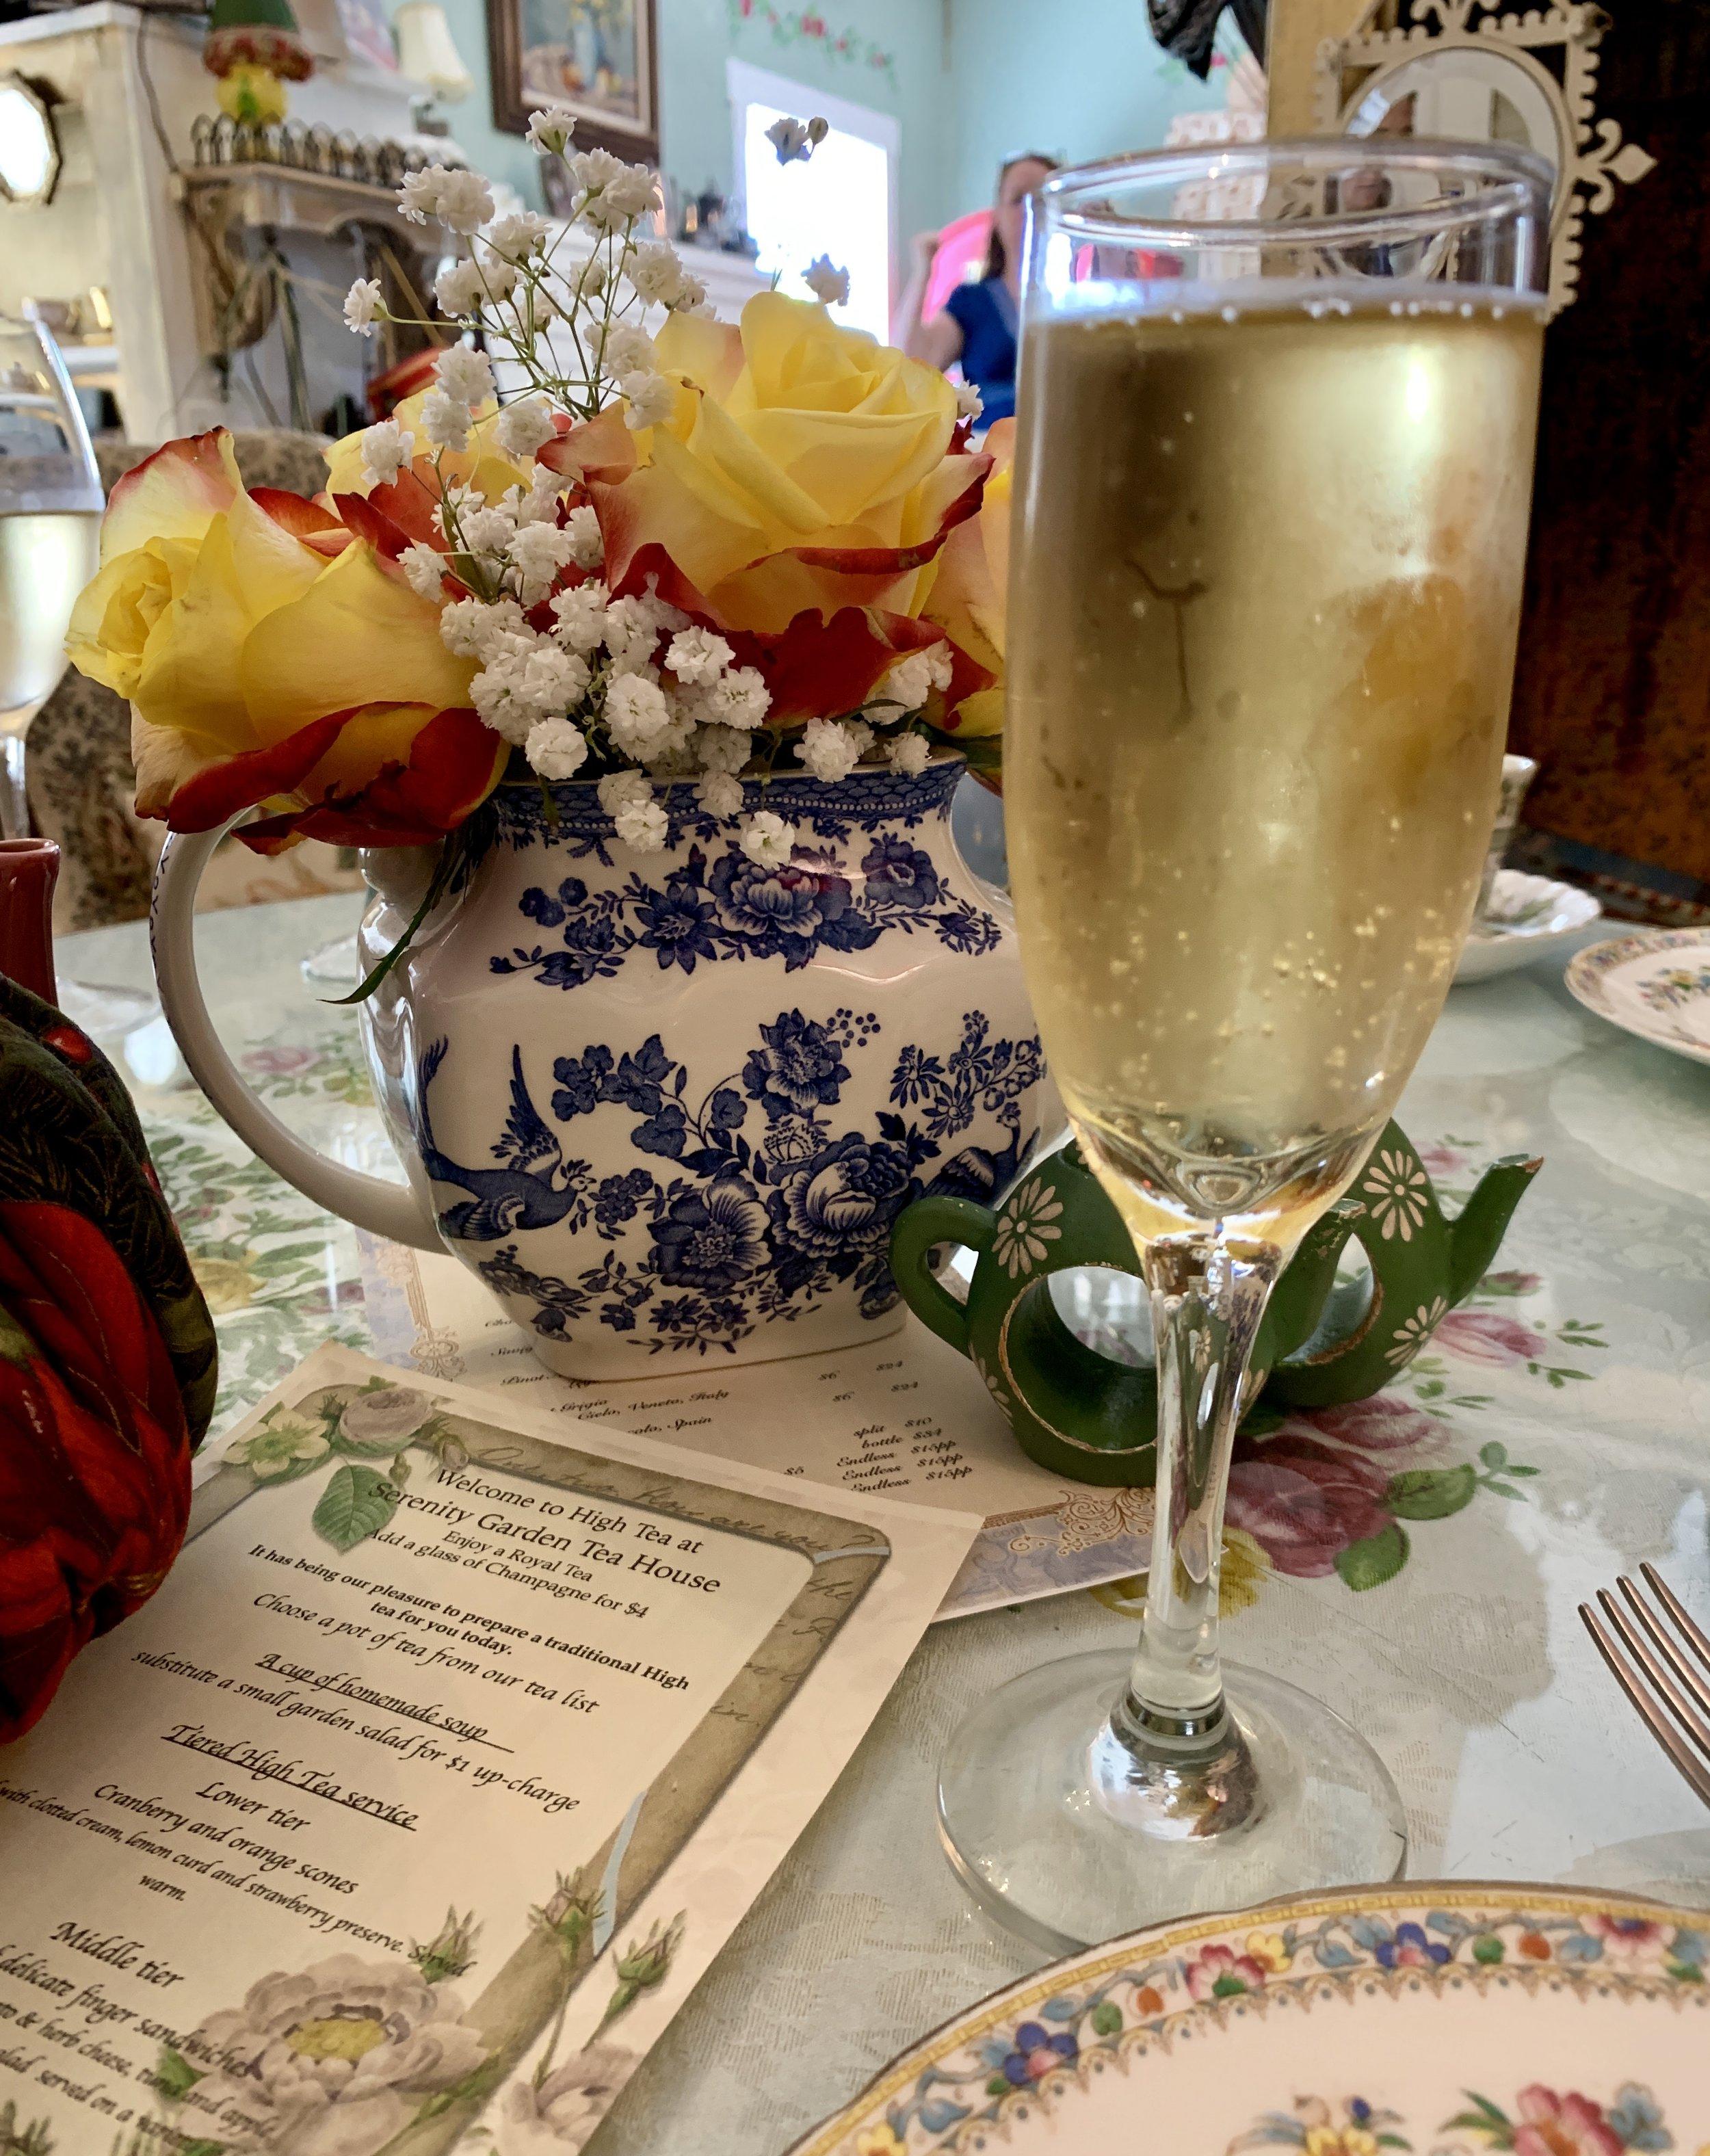 Serenity+Garden+Tea+House+Royal+Tea.png